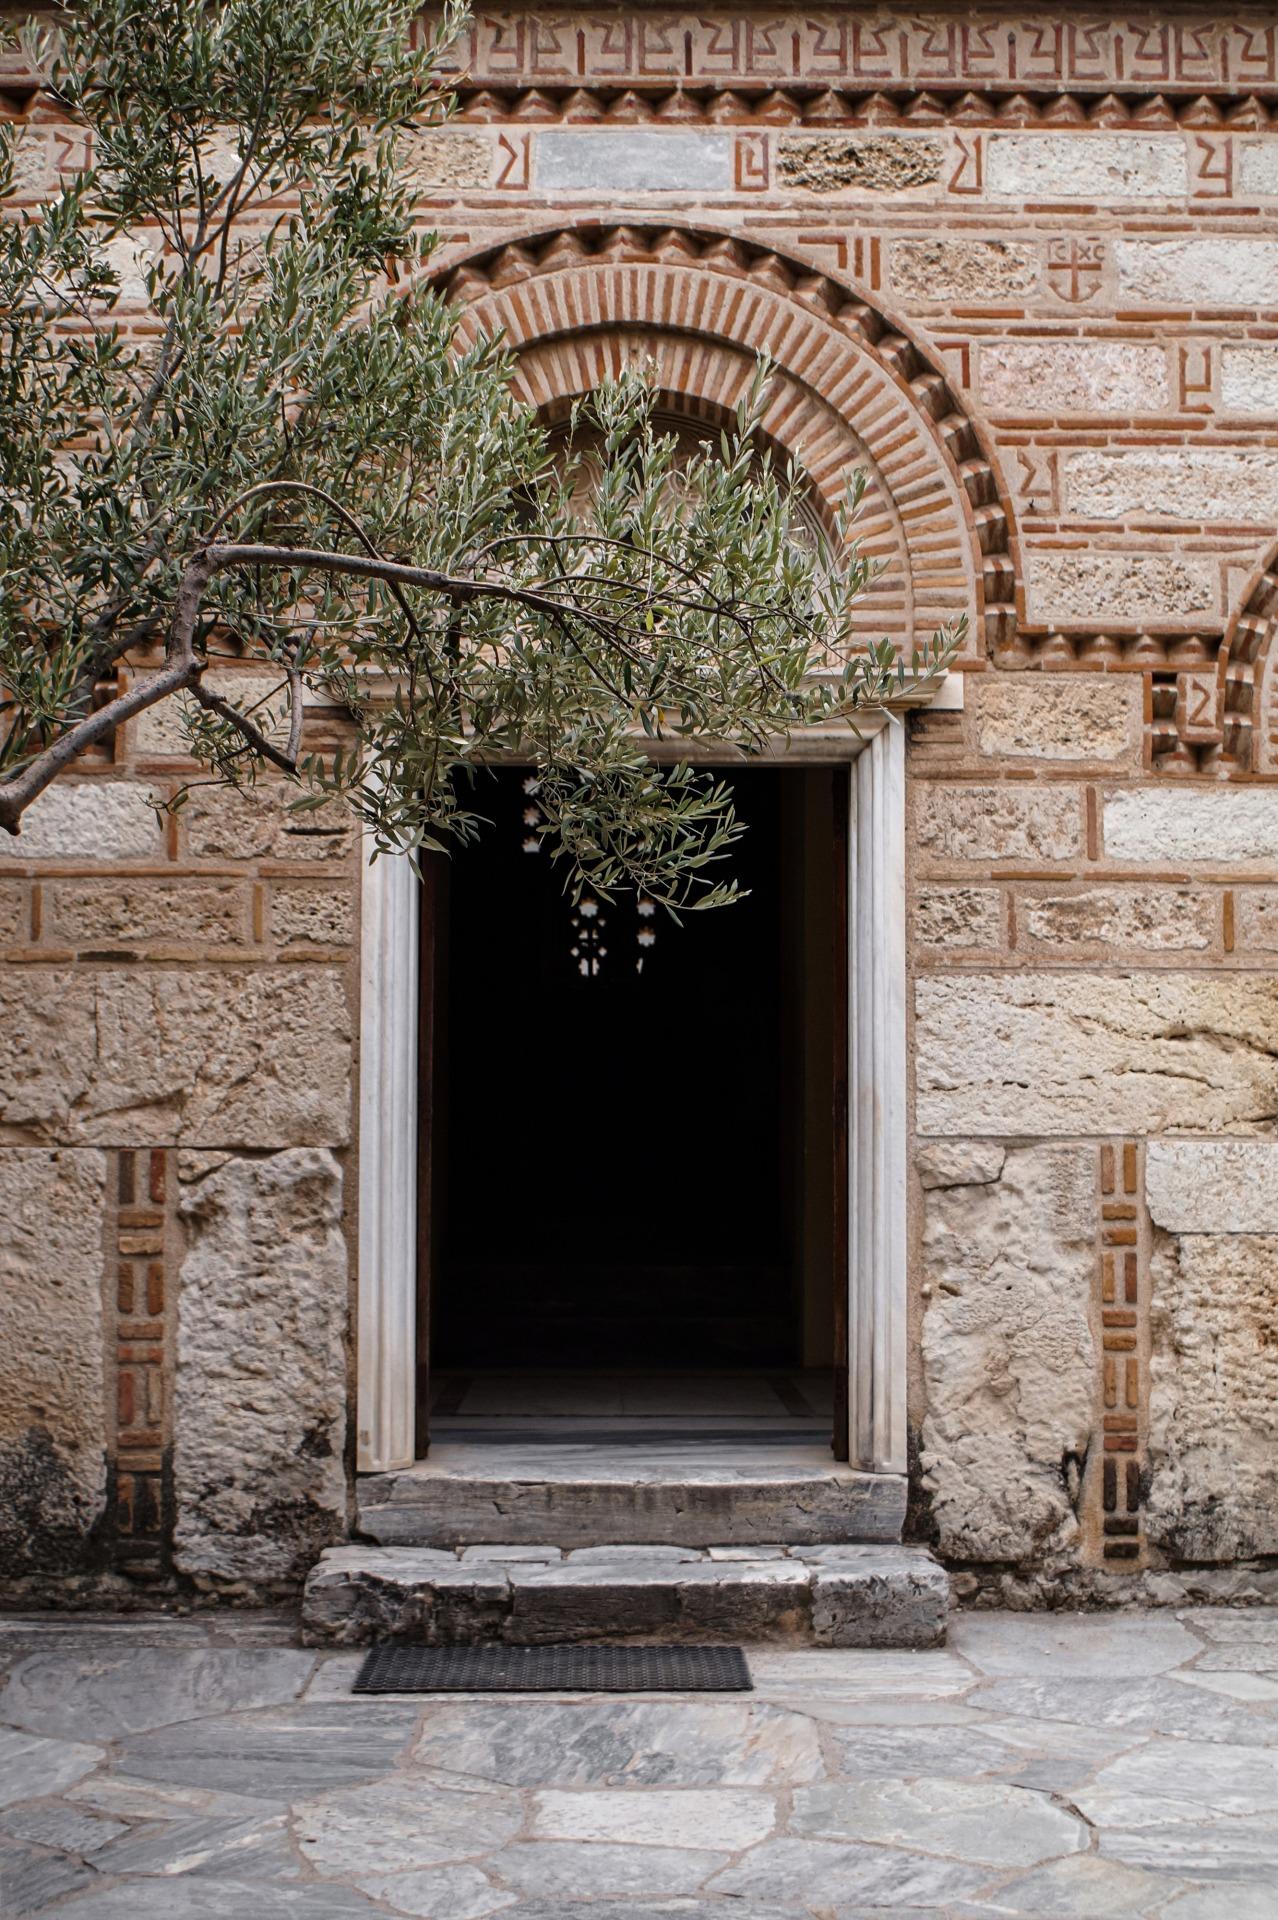 .. #architecture#autumn aesthetic#church#olive tree#athens#agora#traveling#kirche#original photography#athen#travel#reise#original photographers#athina#travelling#autumn#ellada#fall#herbst#autumn day#herbstlich#greece#griechenland#tree#baum#doorway#tür#byzantine#byzantinisch#medieval